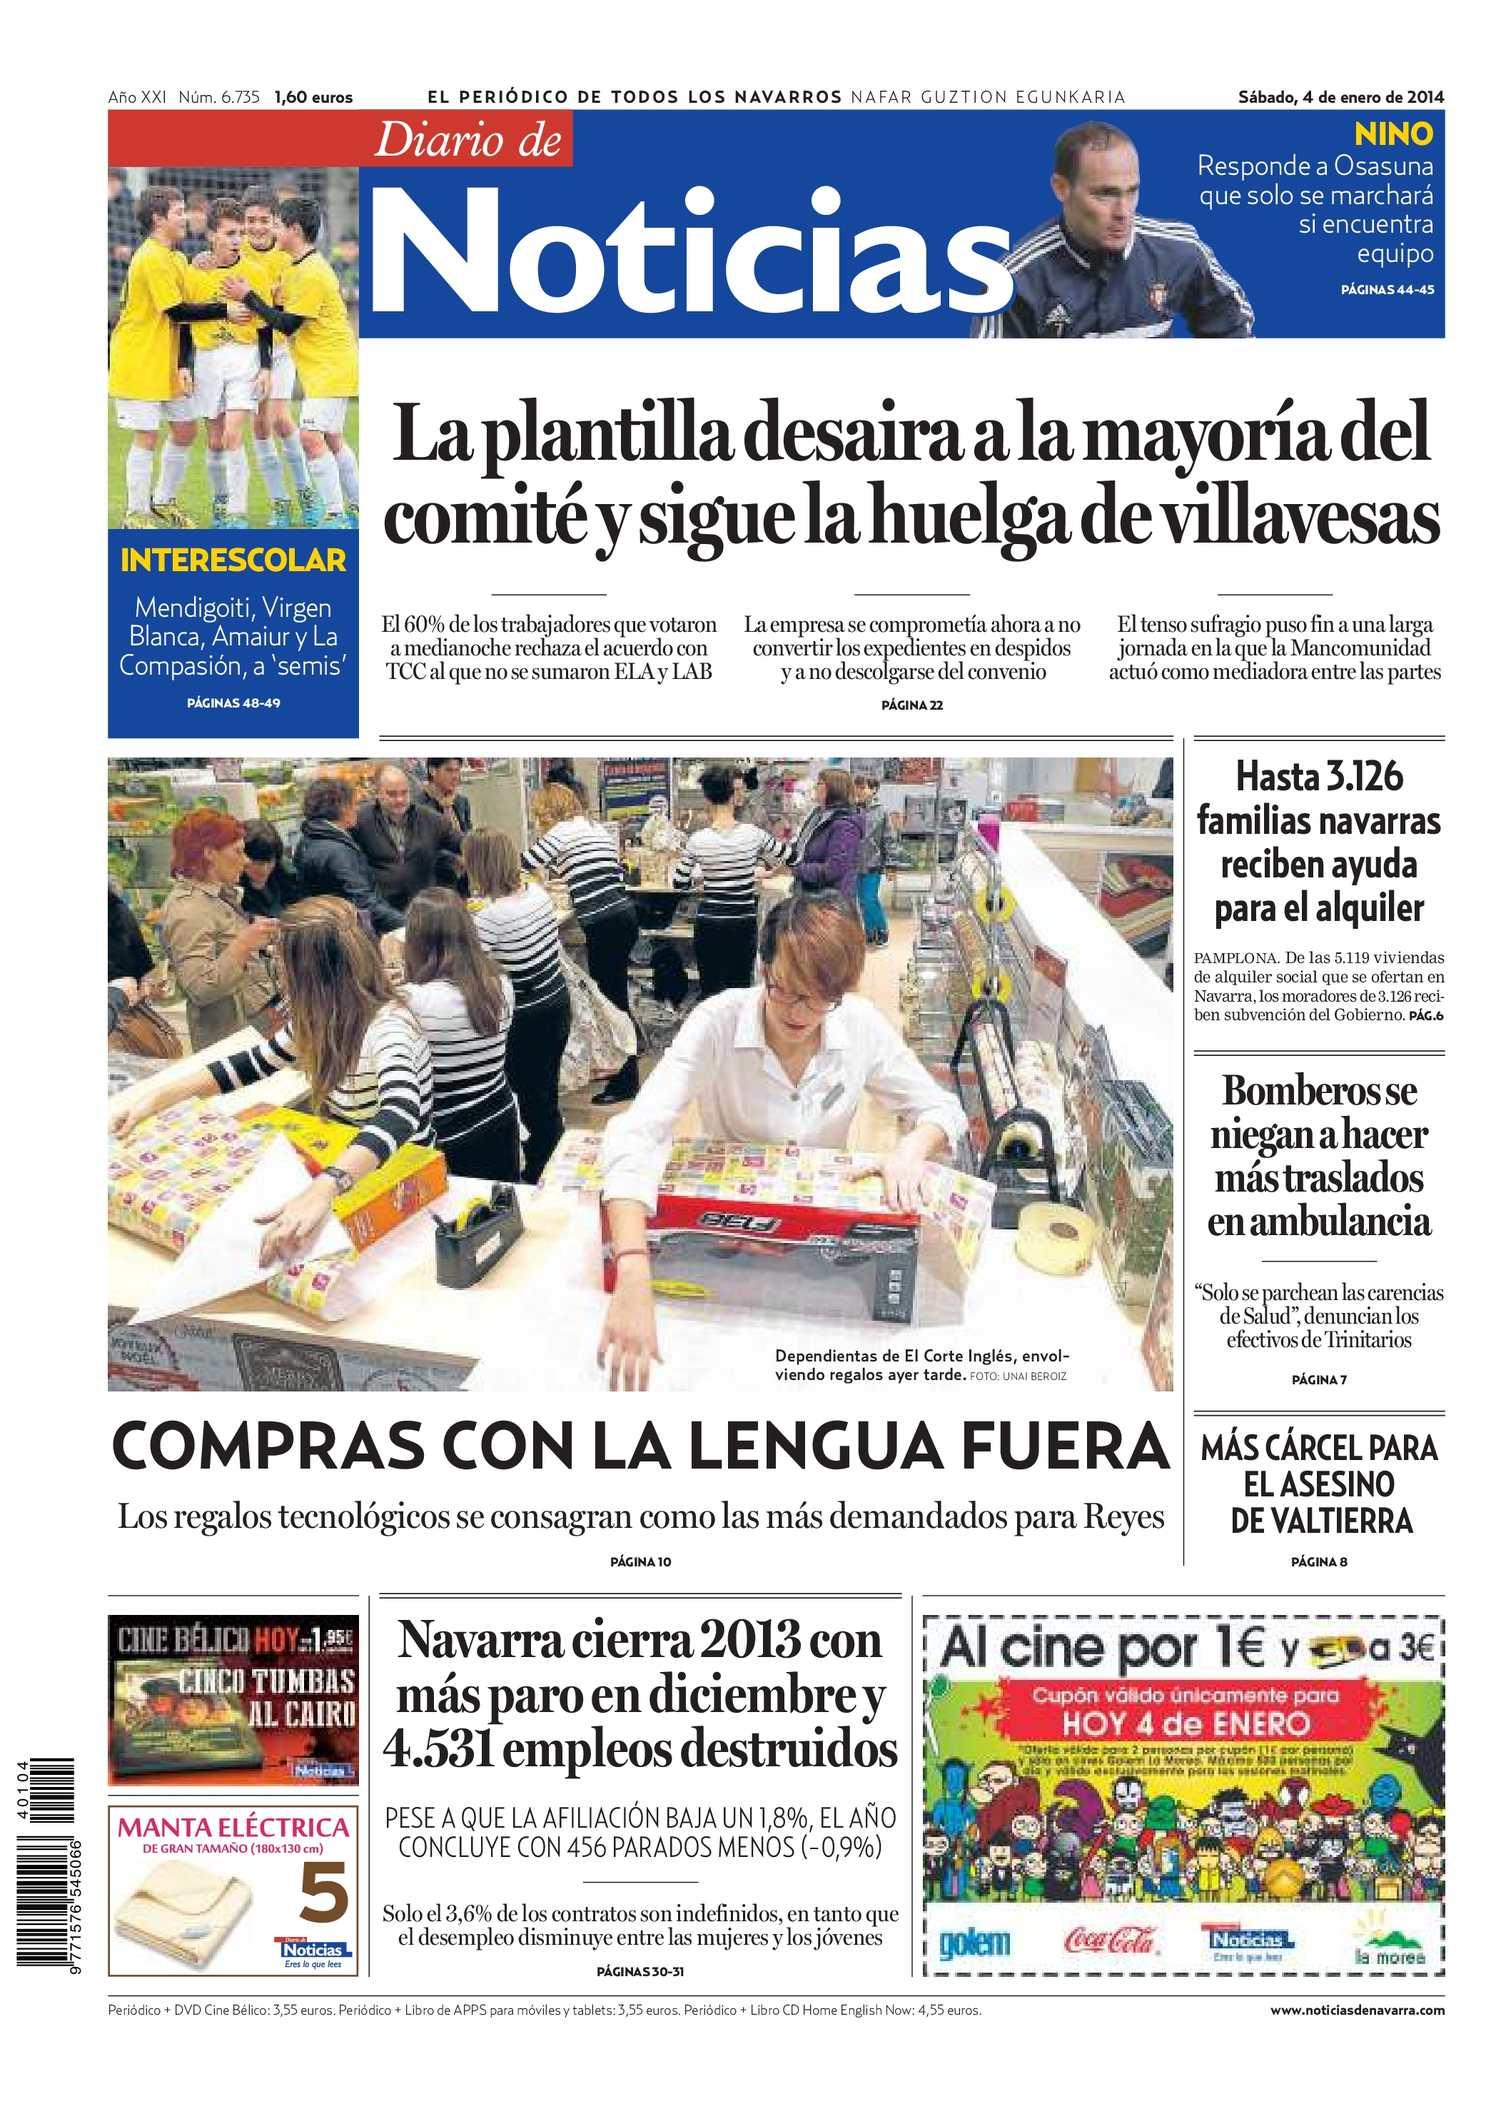 Calaméo Diario de Noticias 20140104